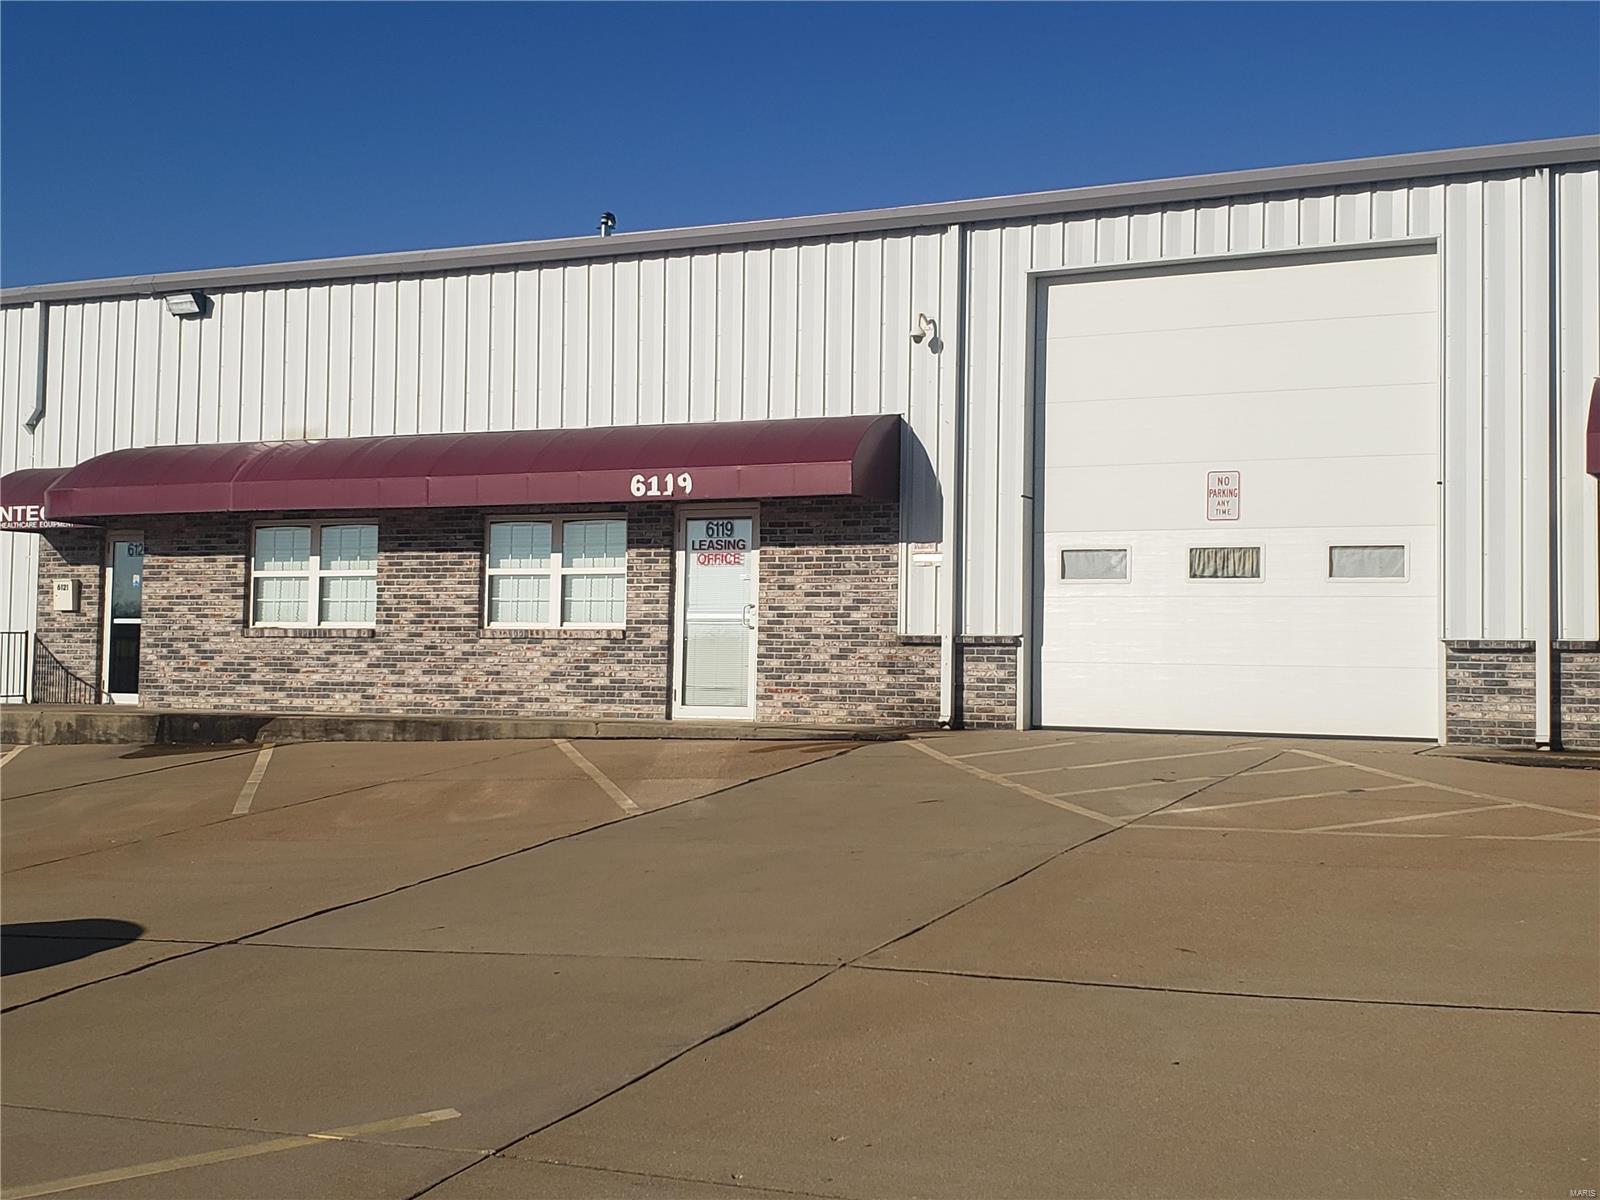 6119 Baumgartner Property Photo - St Louis, MO real estate listing